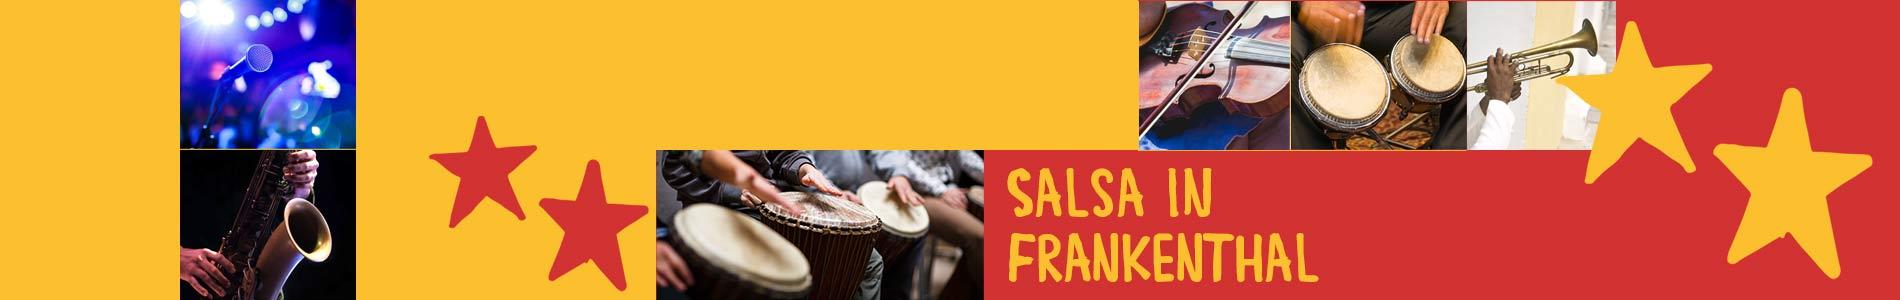 Salsa in Frankenthal – Salsa lernen und tanzen, Tanzkurse, Partys, Veranstaltungen